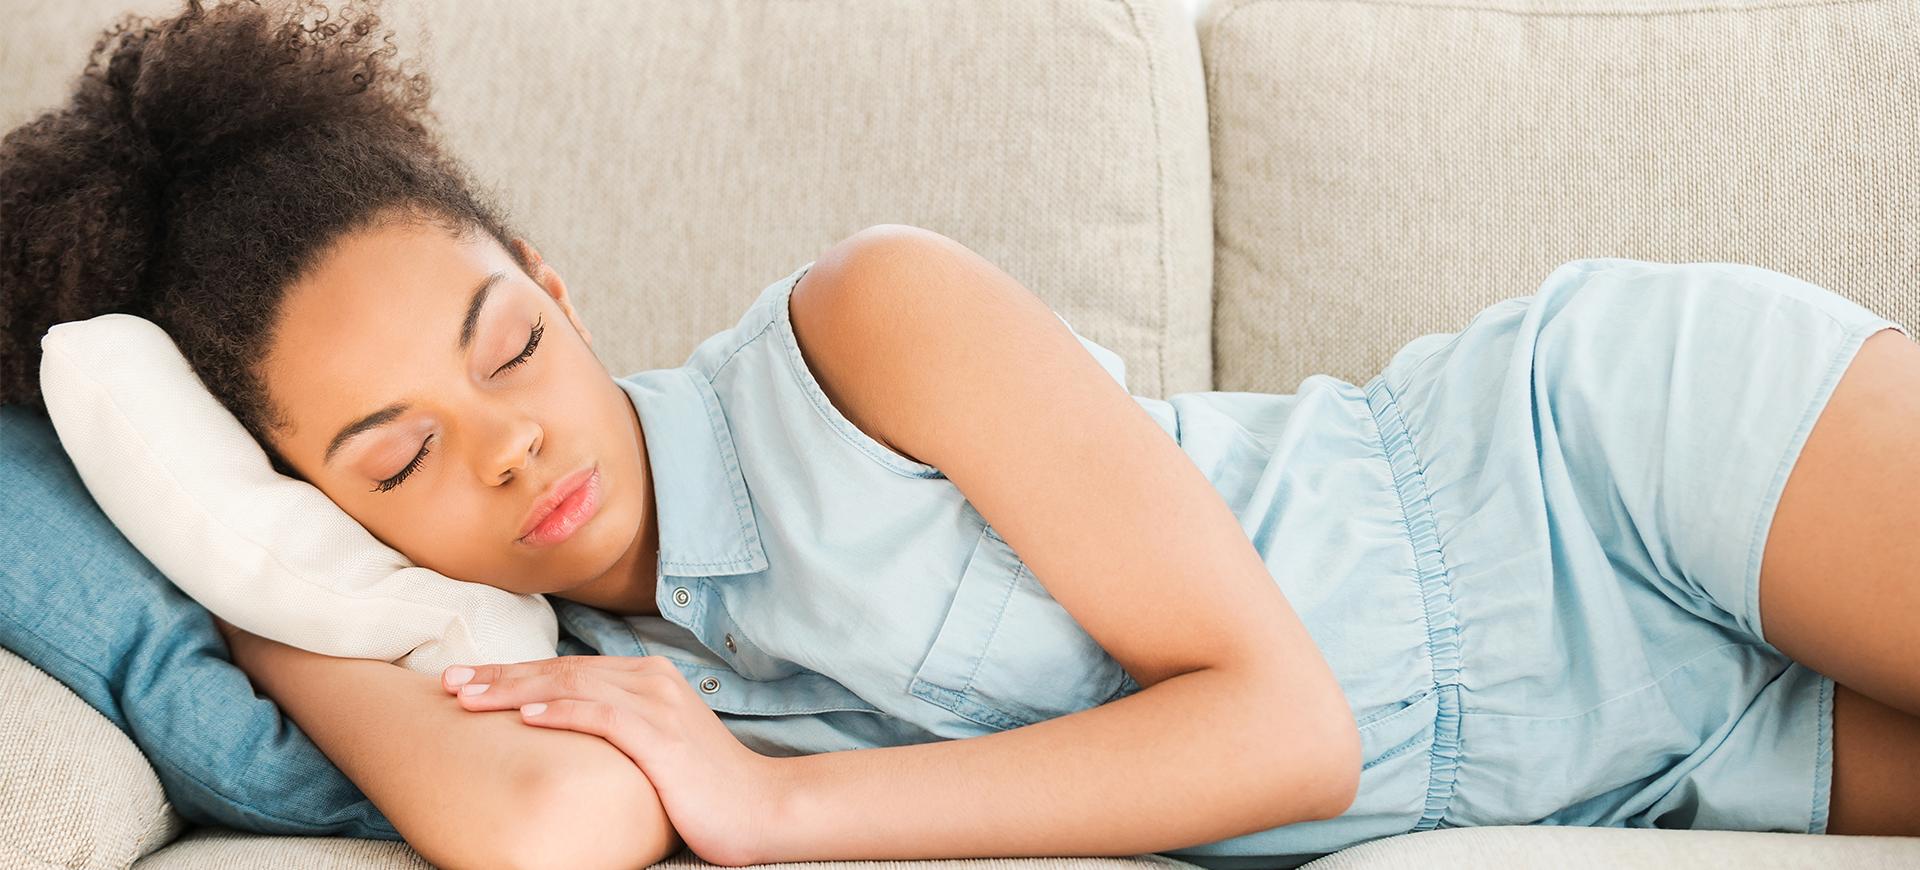 för mycket sömn